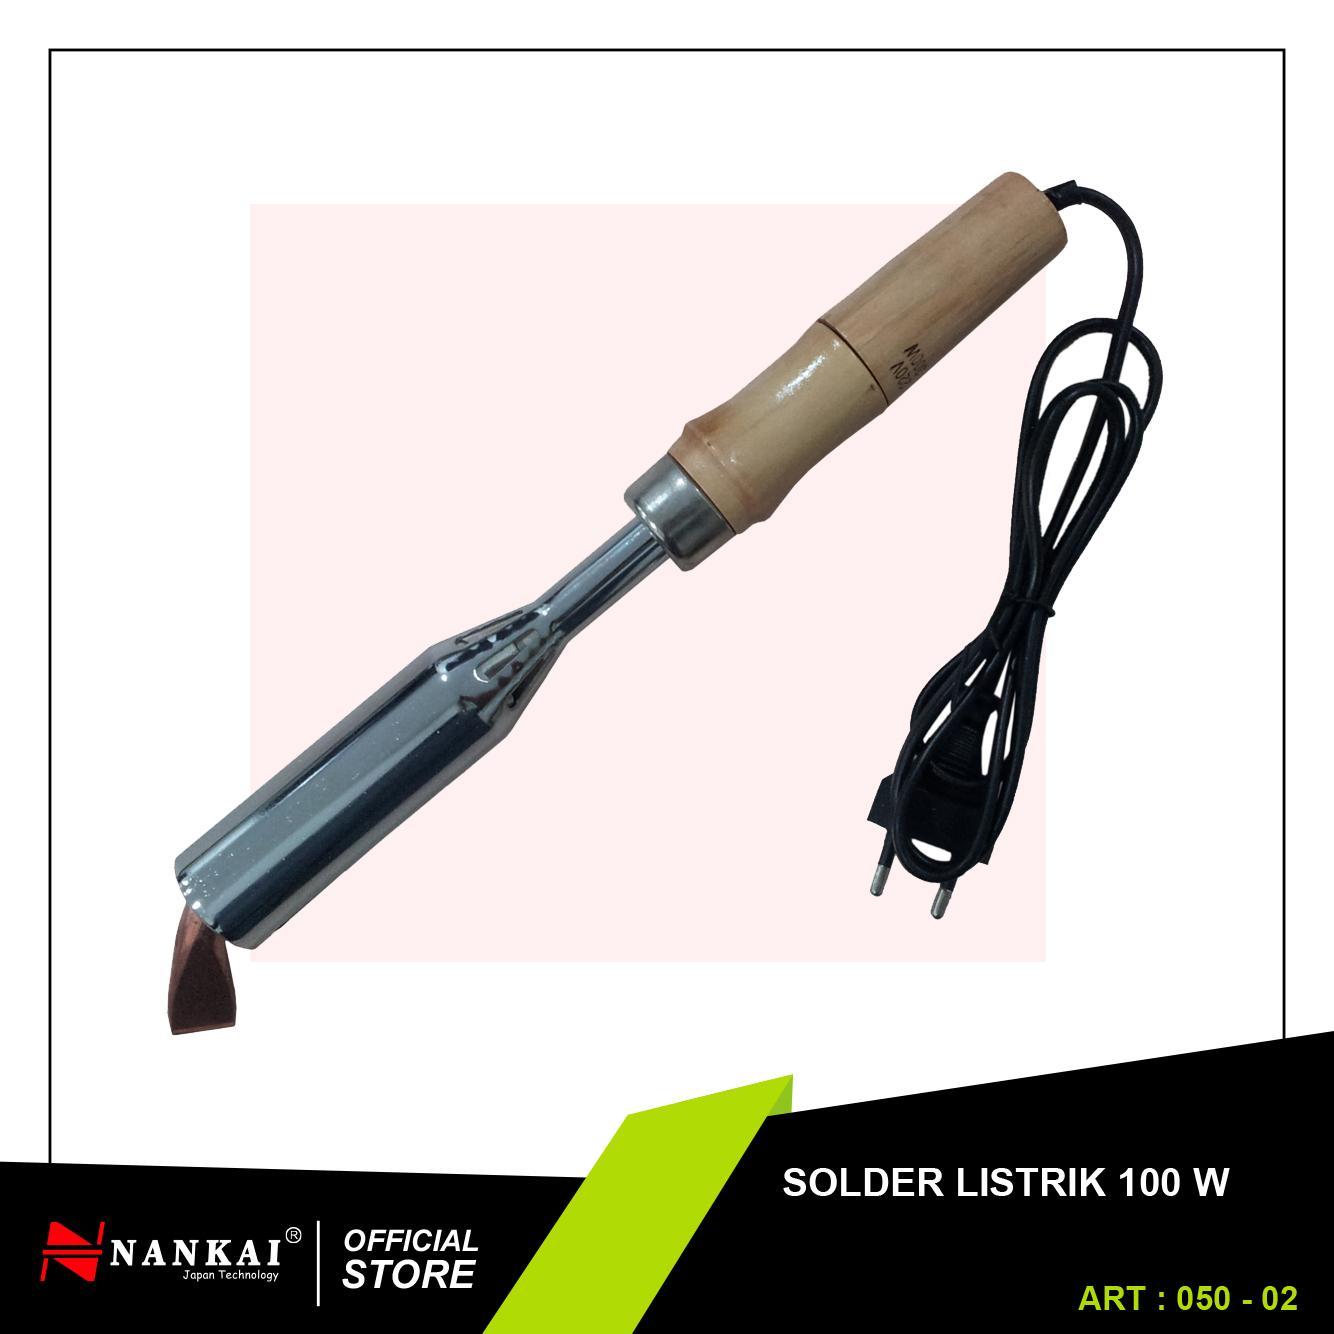 Solder Listrik Alat Patri - Electric Iron Solder 100W Nankai